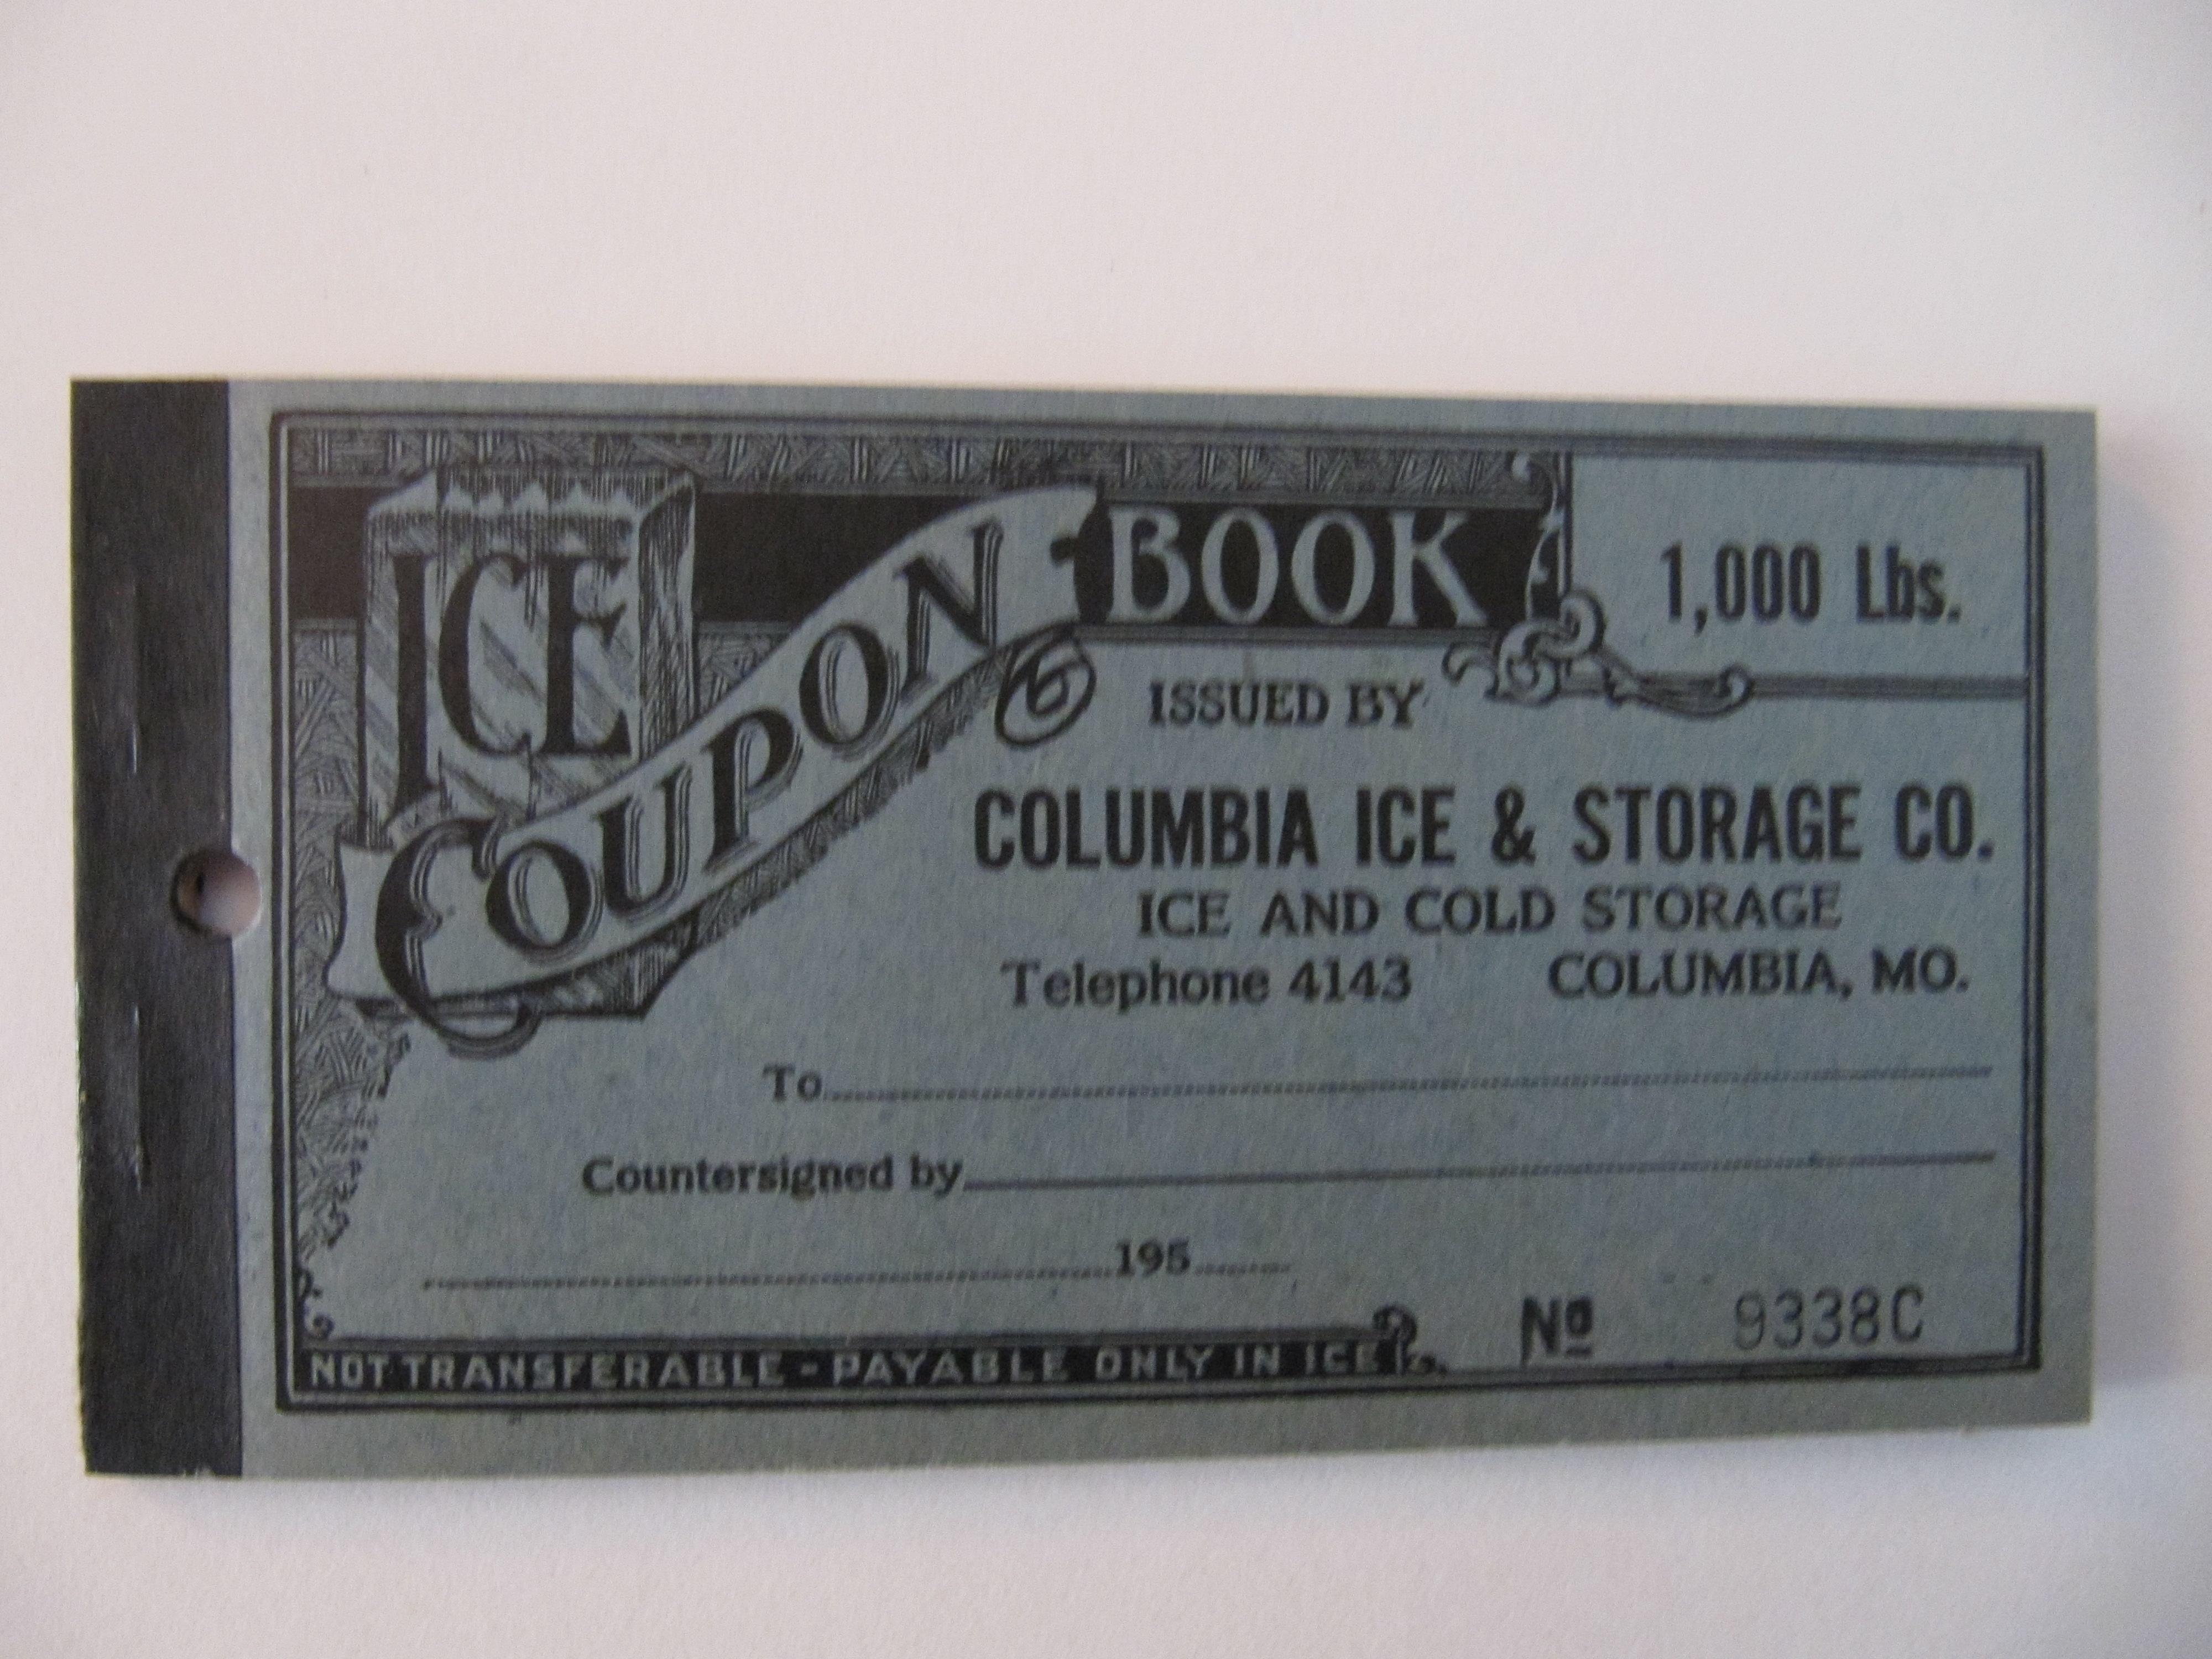 ColumbiaIceStorageCo1000_ColumbiaMo